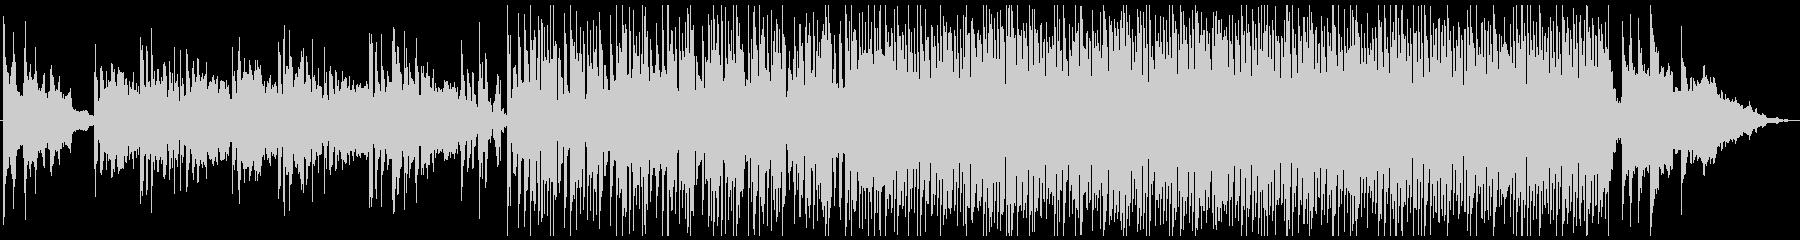 「春霞」をイメージした幻想的で淡い曲の未再生の波形